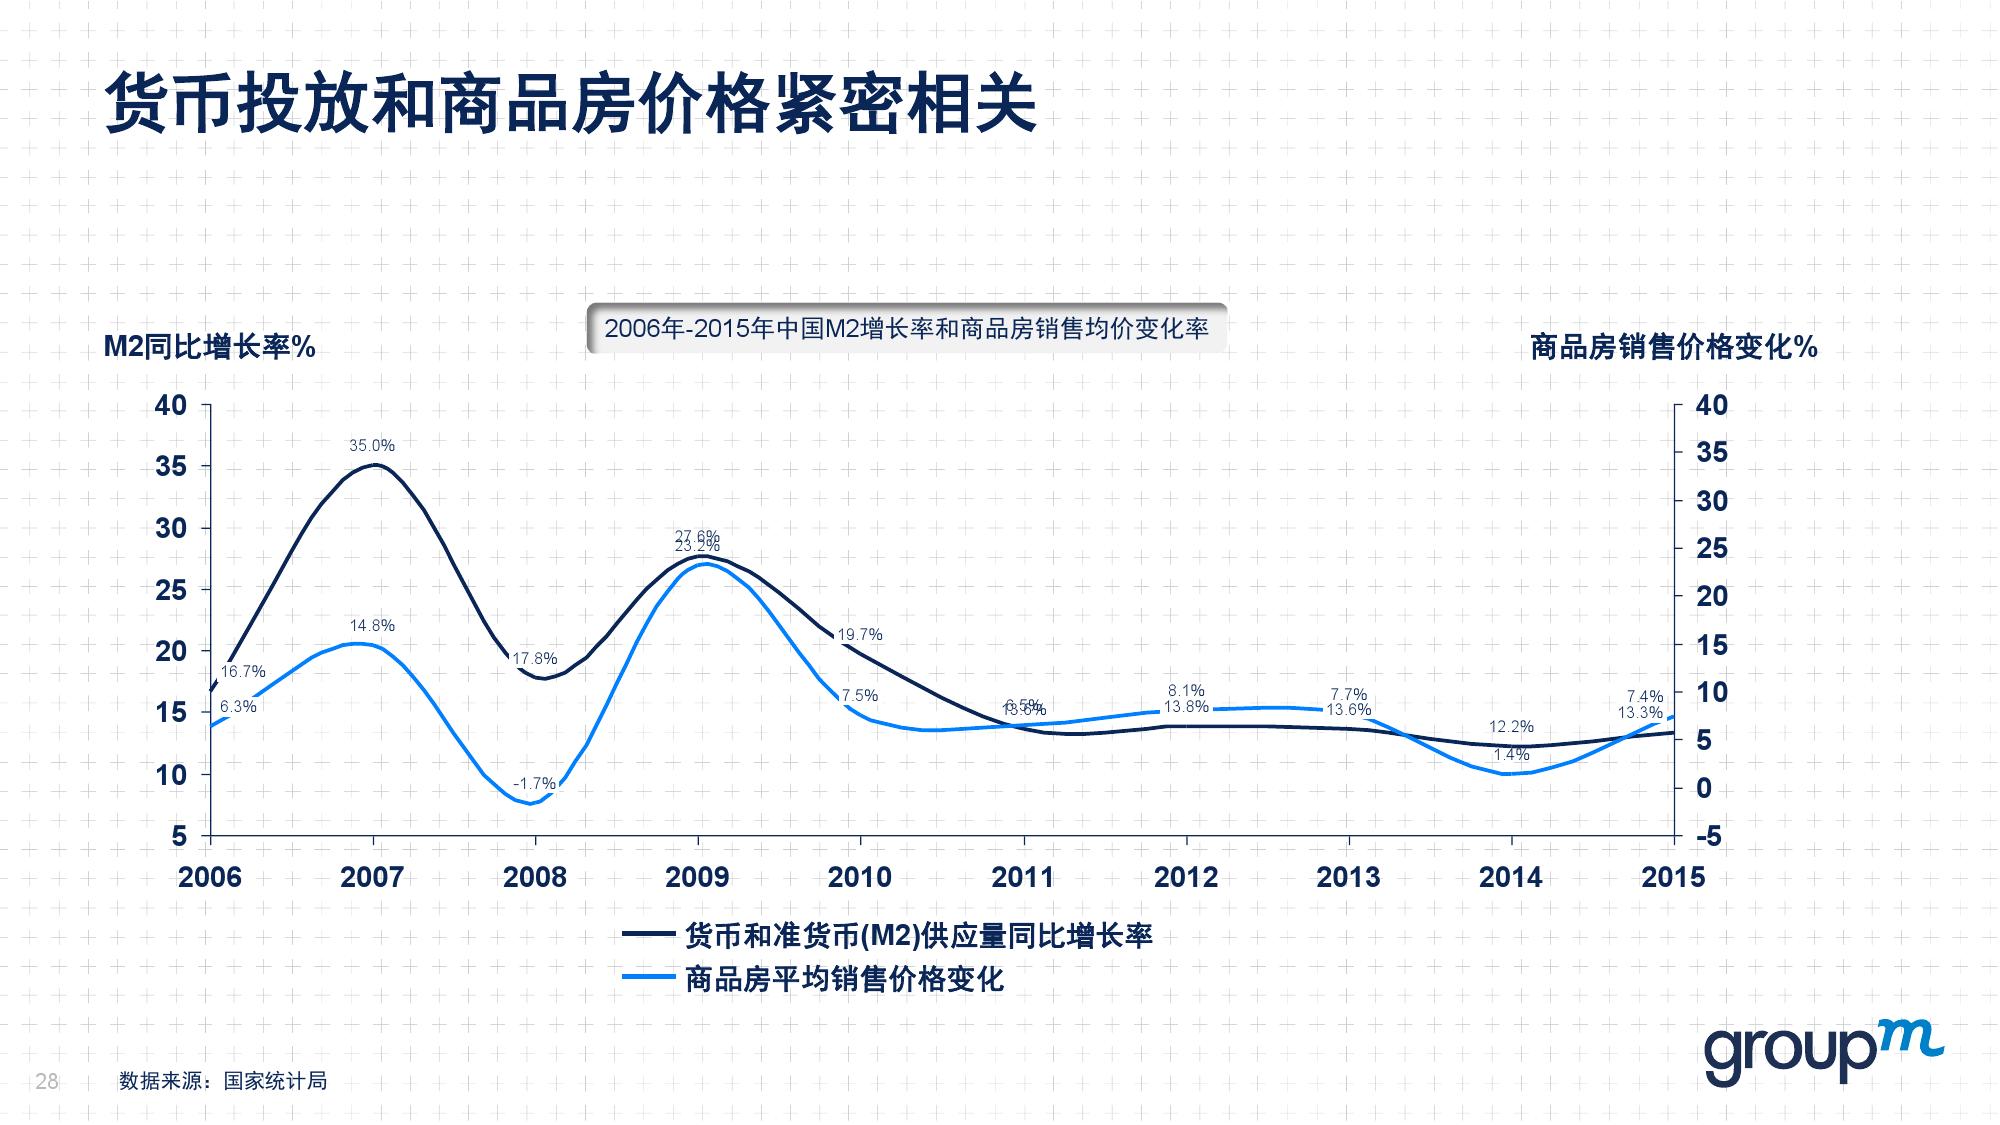 赢在中国2016:从需求刺激转向供给侧改革_000028